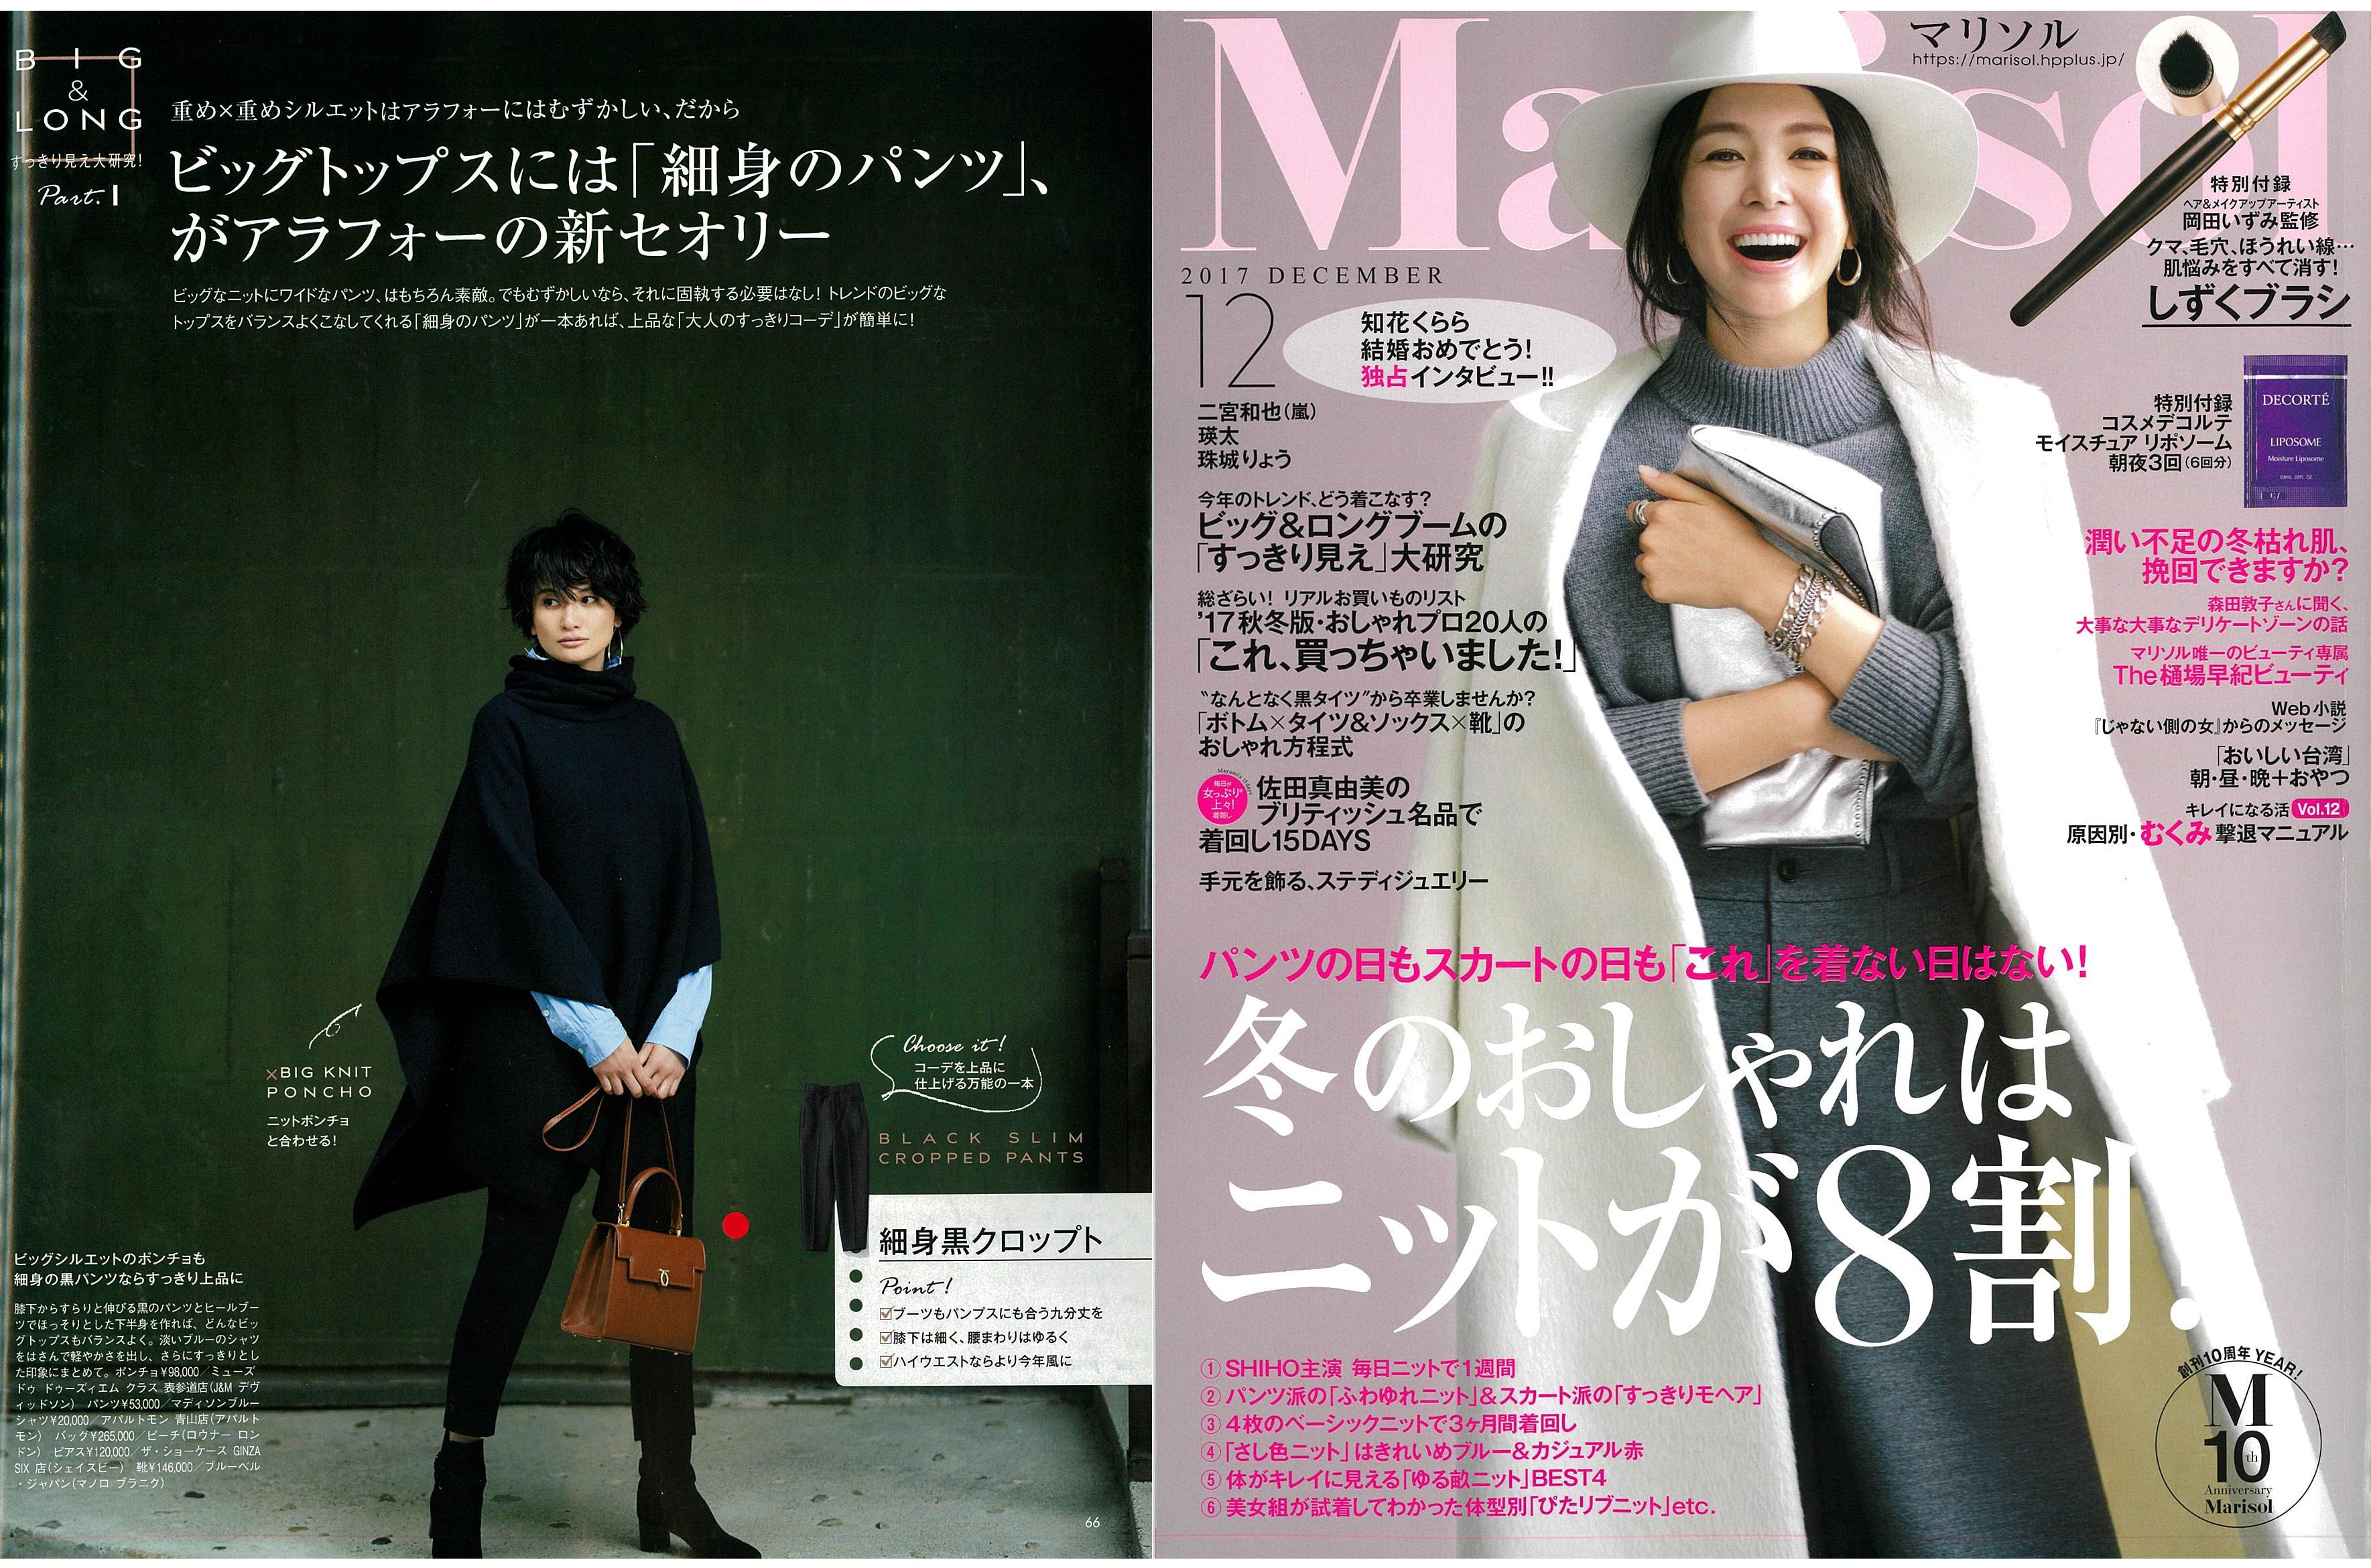 Marisol_2017_12_COVER